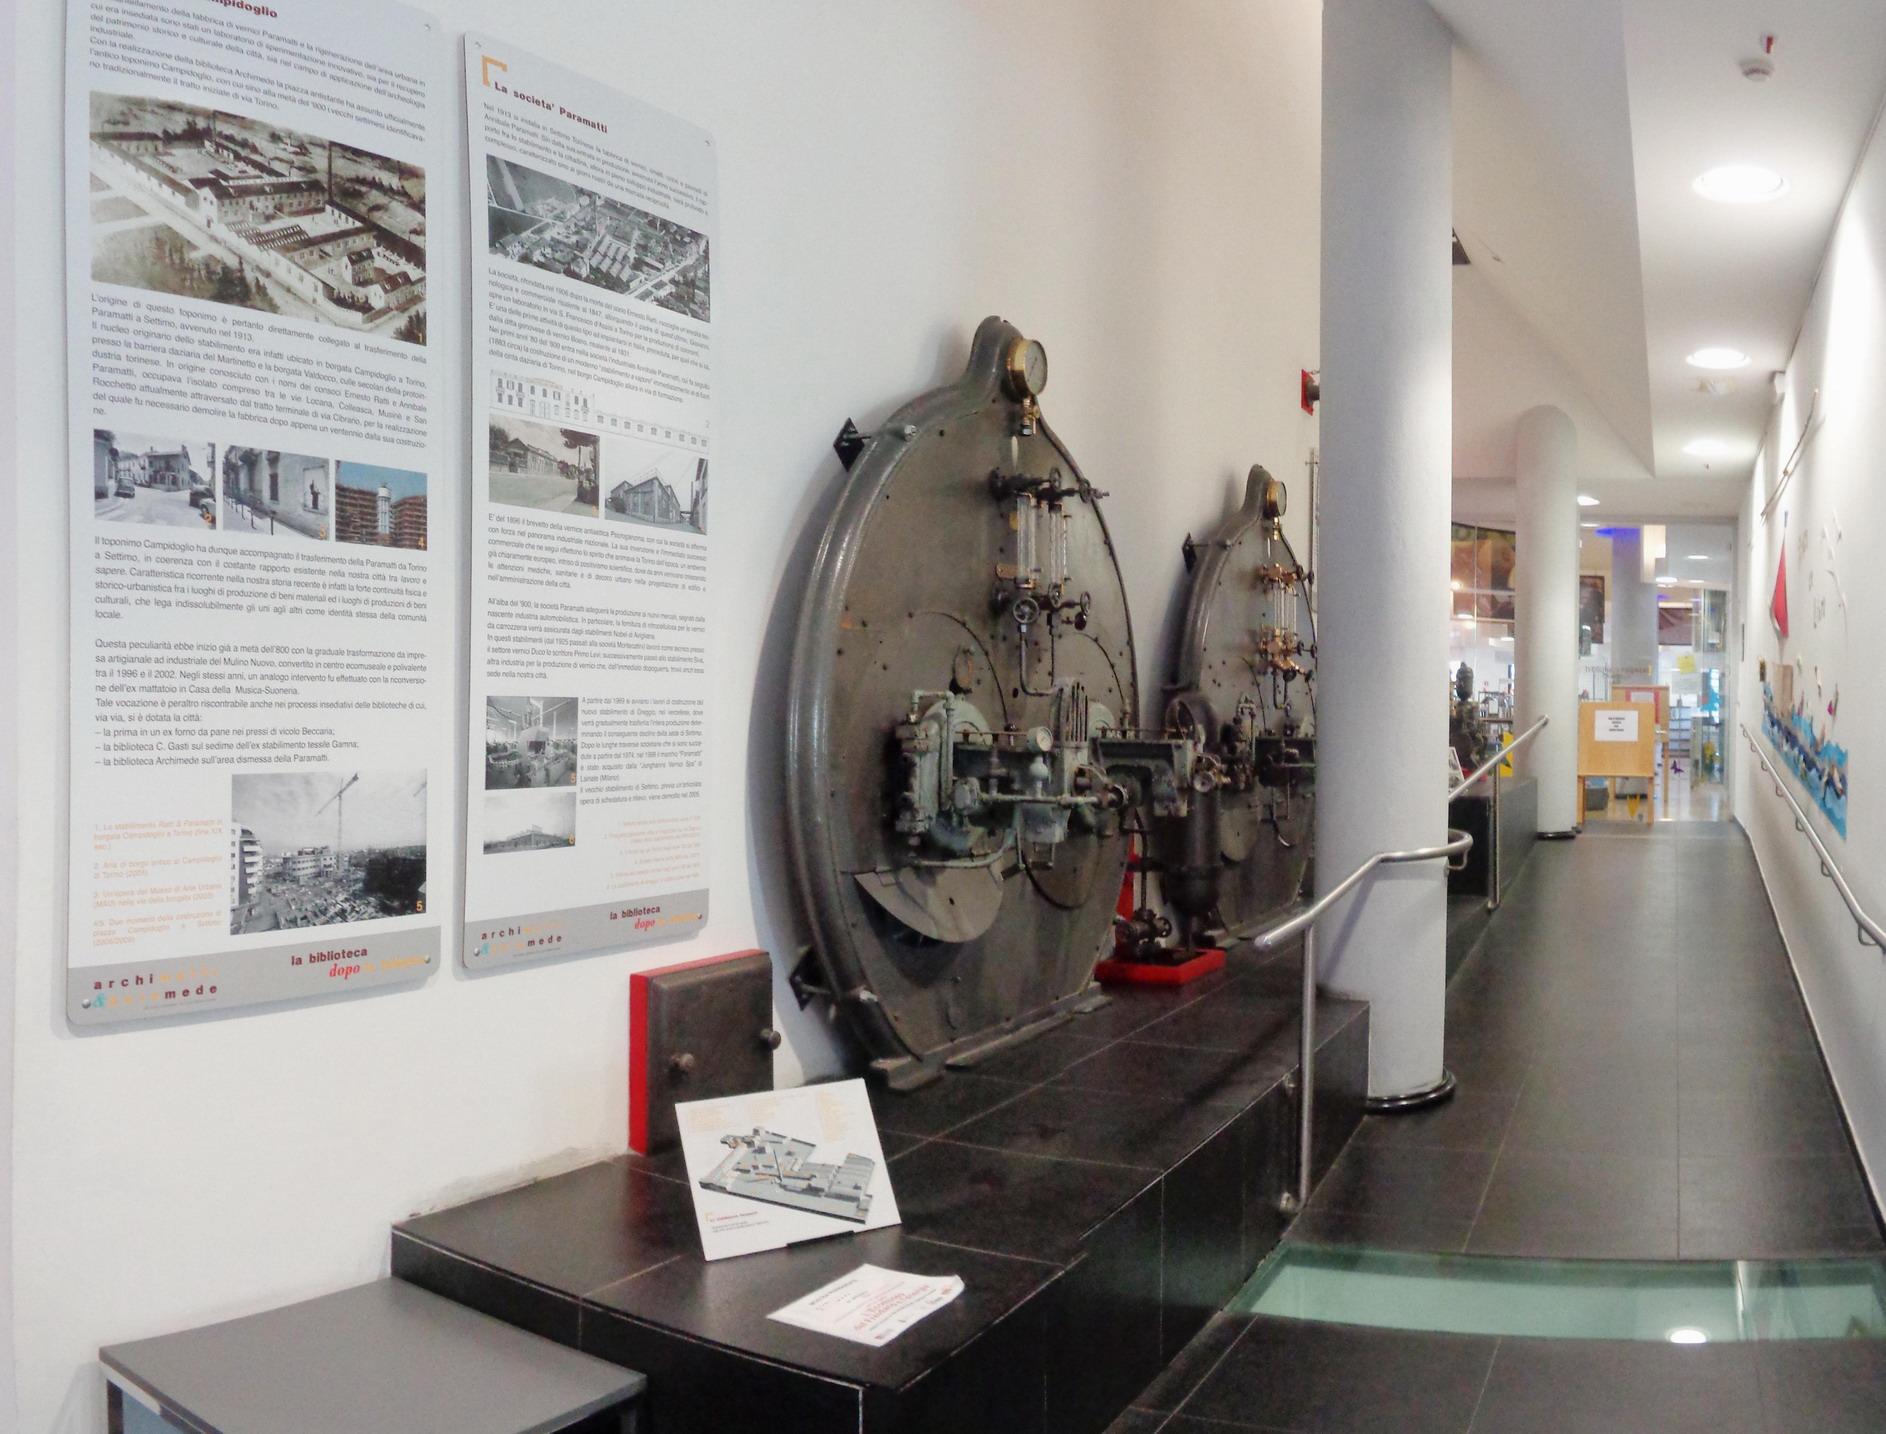 V. A. Lupo, PER UNA STORIA E MUSEOGRAFIA DELLE CALDAIE A VAPORE IN ITALIA